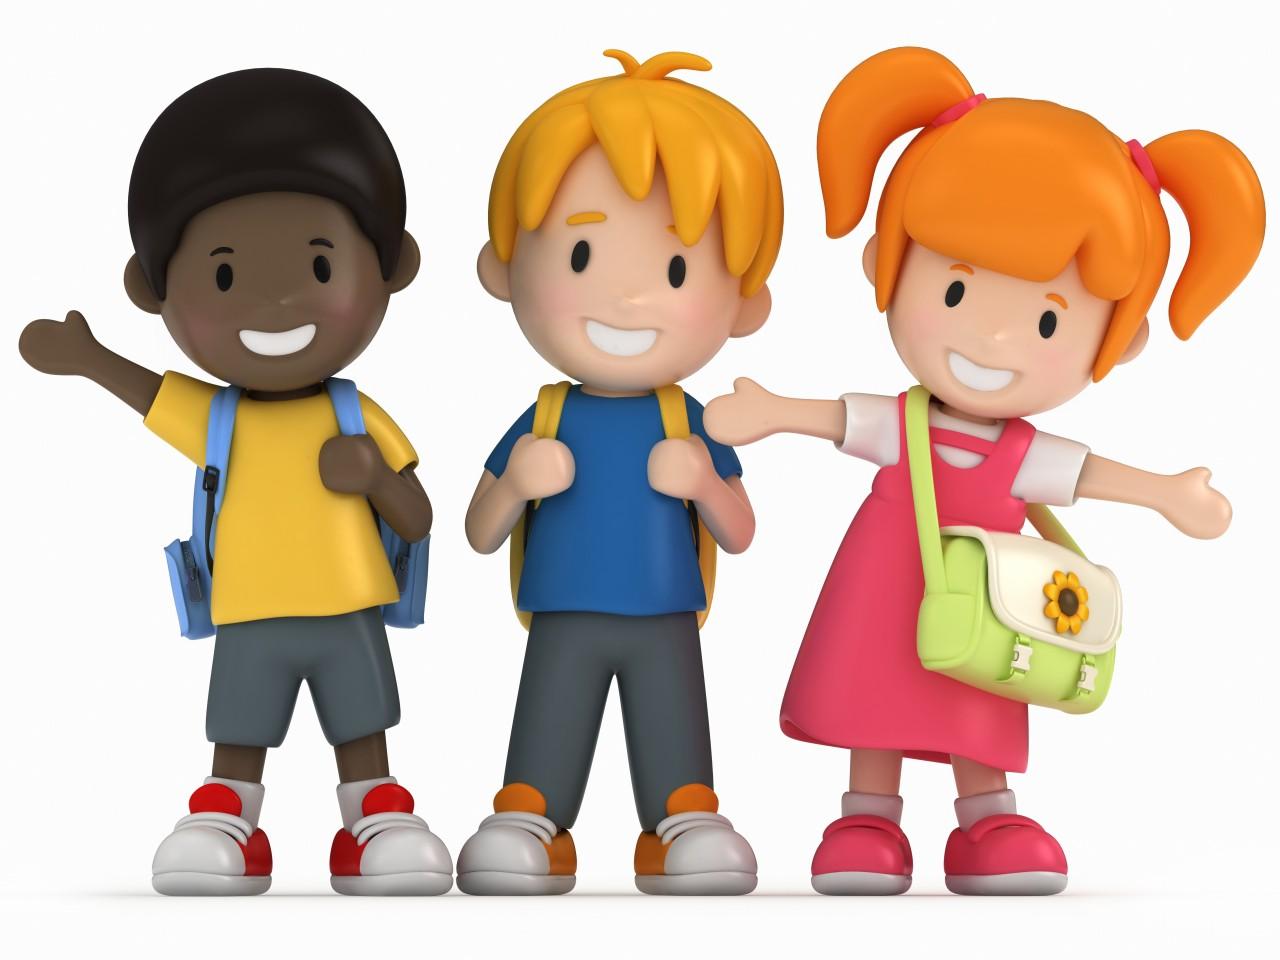 Een van deze kinderen gaat niet mee op schoolreisje. Kun je raden welke?